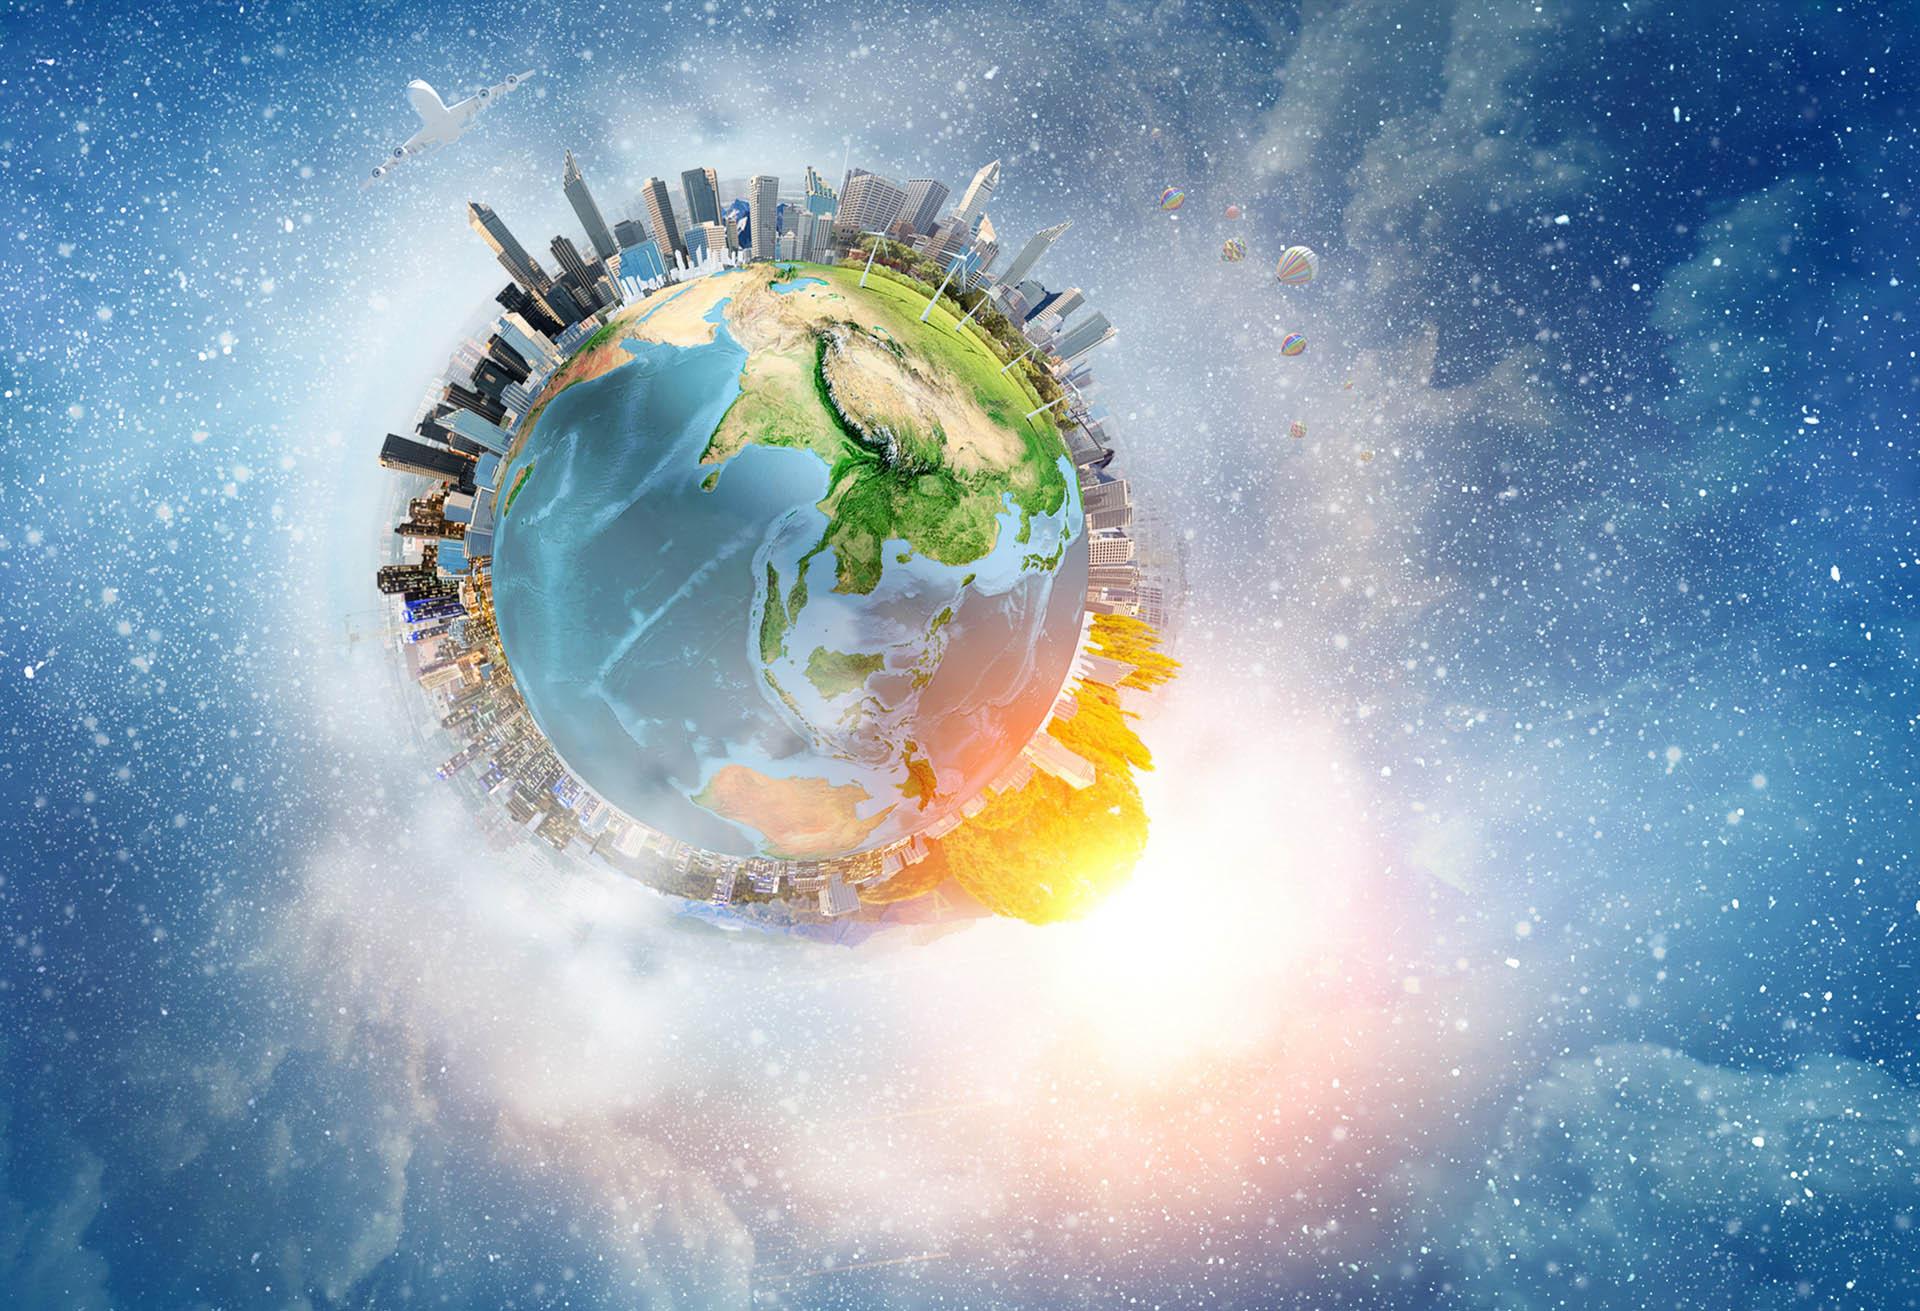 日前,十九届中央委员会第三次全体会议研究了深化党和国家机构改革问题,提出改革自然资源和生态环境管理体制。实行最严格的生态环境保护制度,构建政府为主导、企业为主体、社会组织和公众共同参与的环境治理体系。设立国有自然资源资产管理和自然生态监管机构,完善生态环境管理制度,统一行使全民所有自然资源资产所有者职责,统一行使所有国土空间用途管制和生态保护修复职责,统一行使监管城乡各类污染排放和行政执法职责。  十八大以来,党中央、国务院就推进生态文明建设已经作出一系列决策部署,提出了创新、协调、绿色、开放、共享的新发